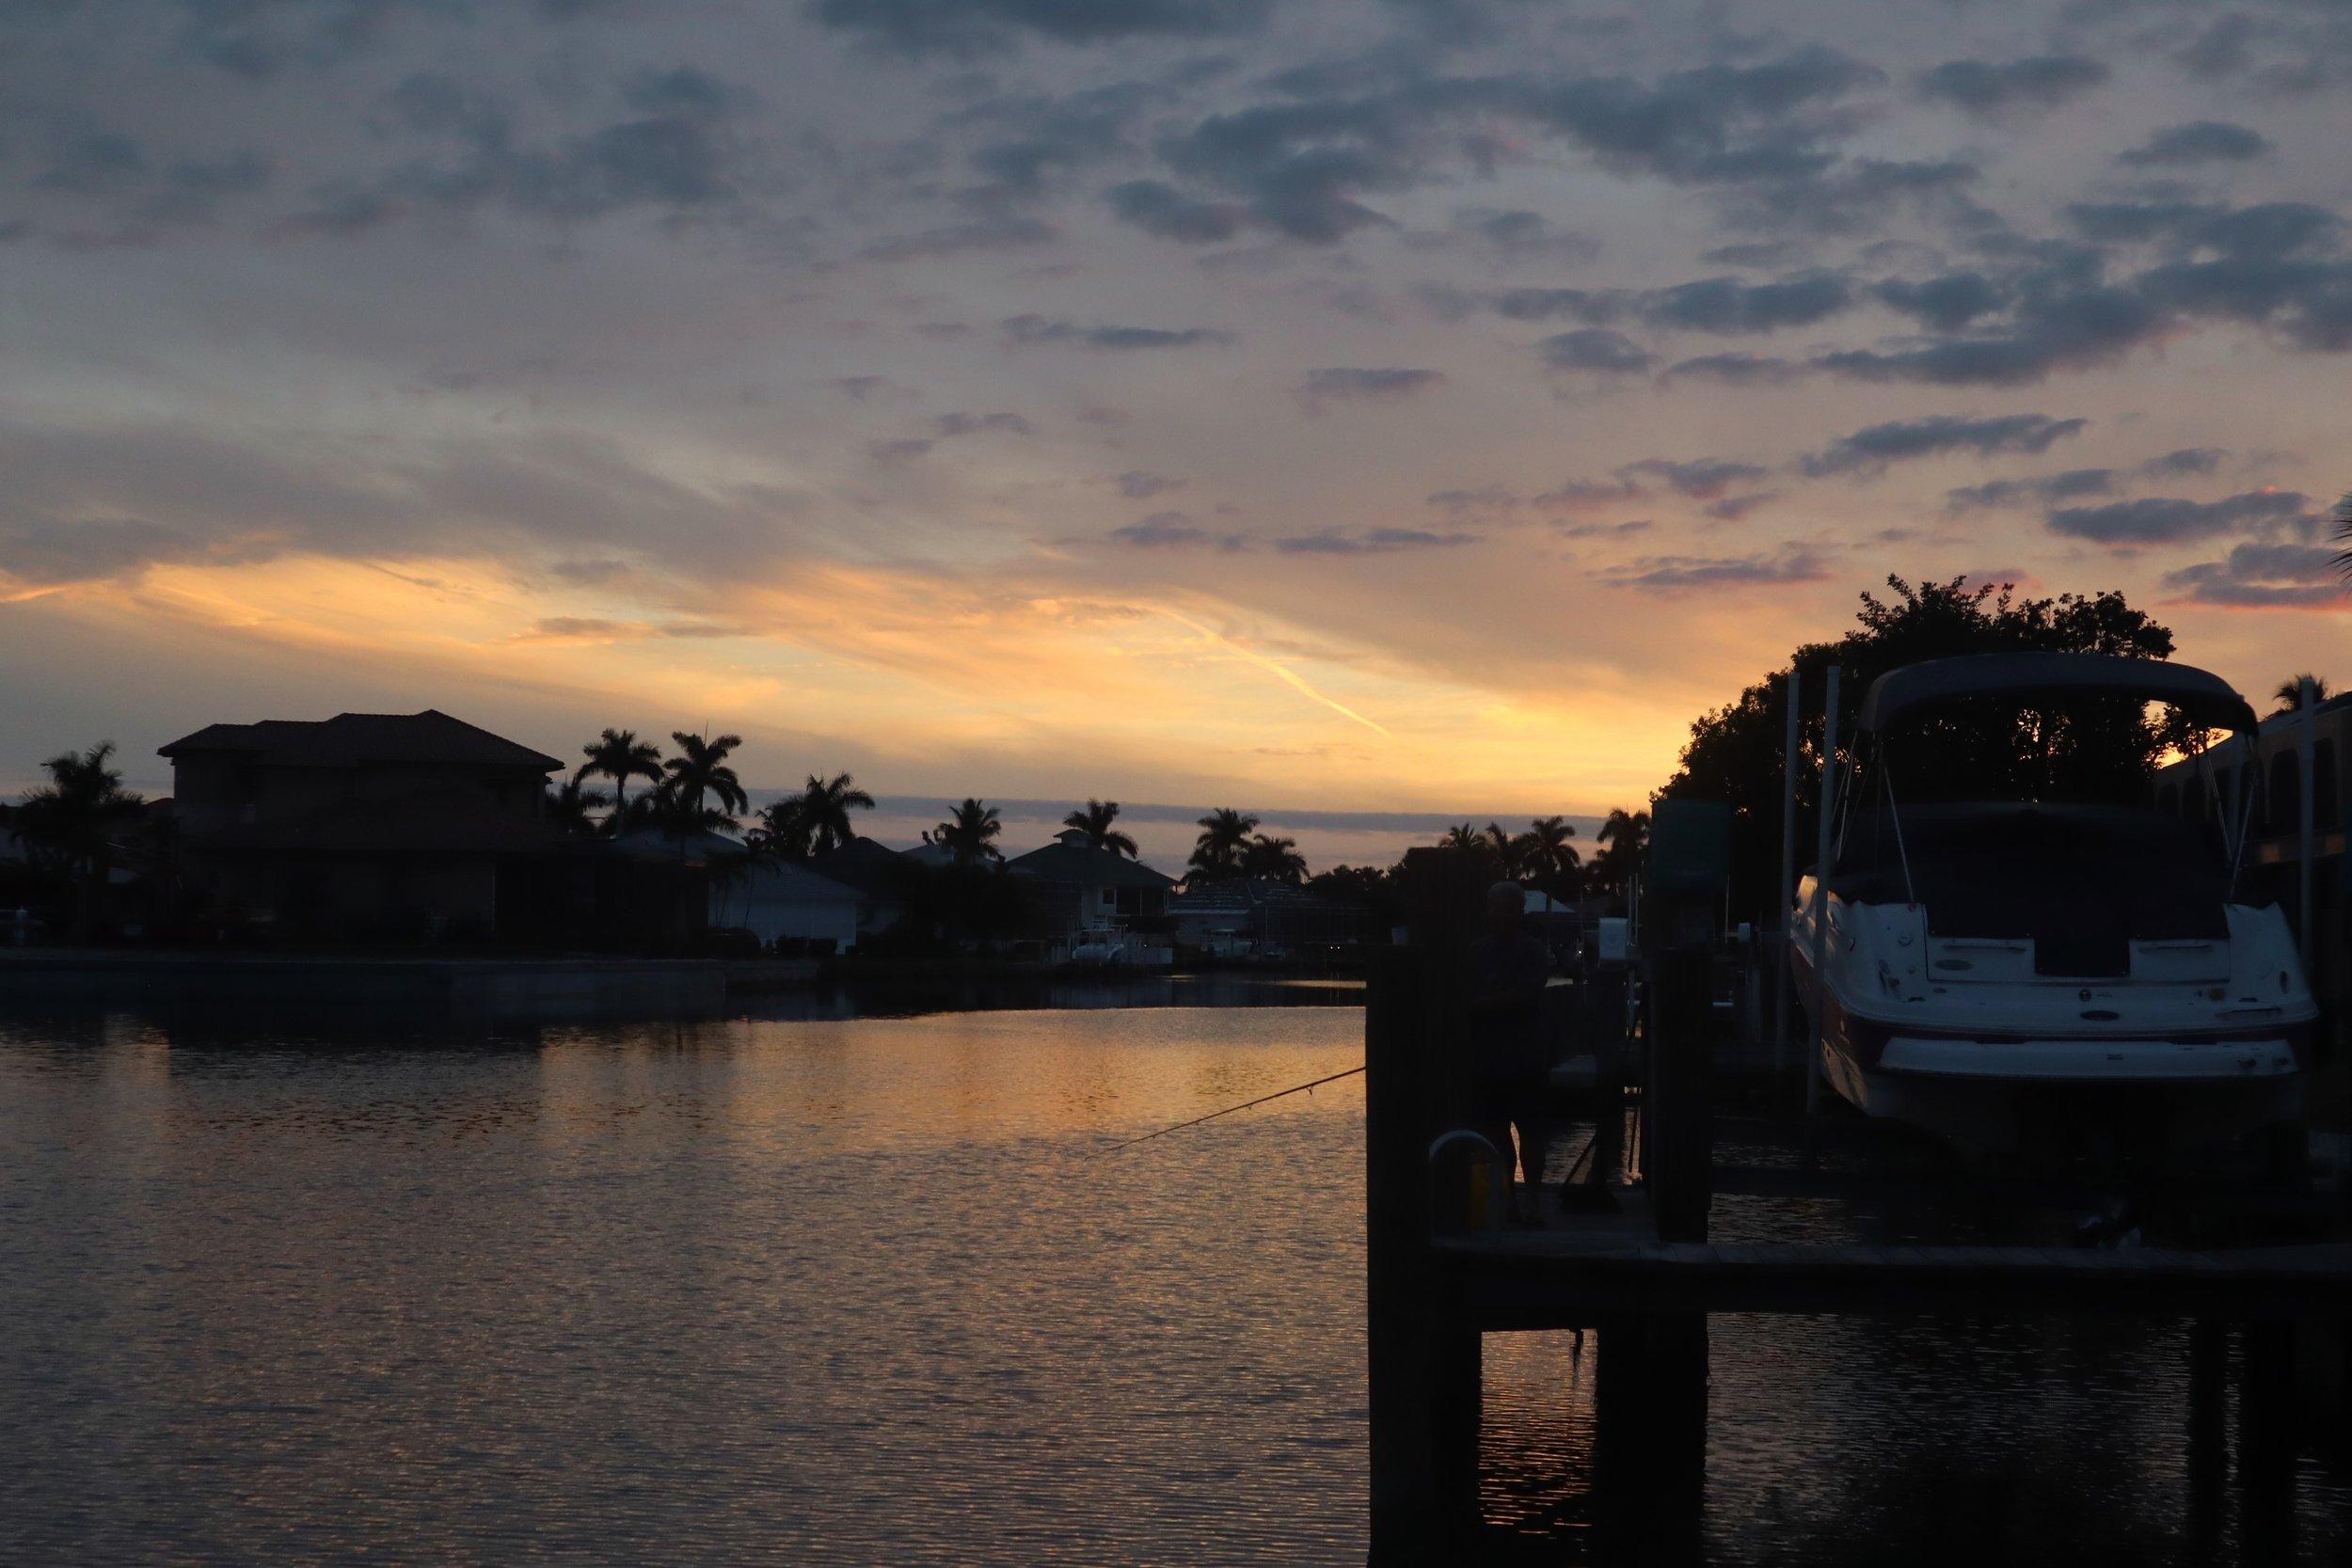 Florida_2019_HSR1.JPG